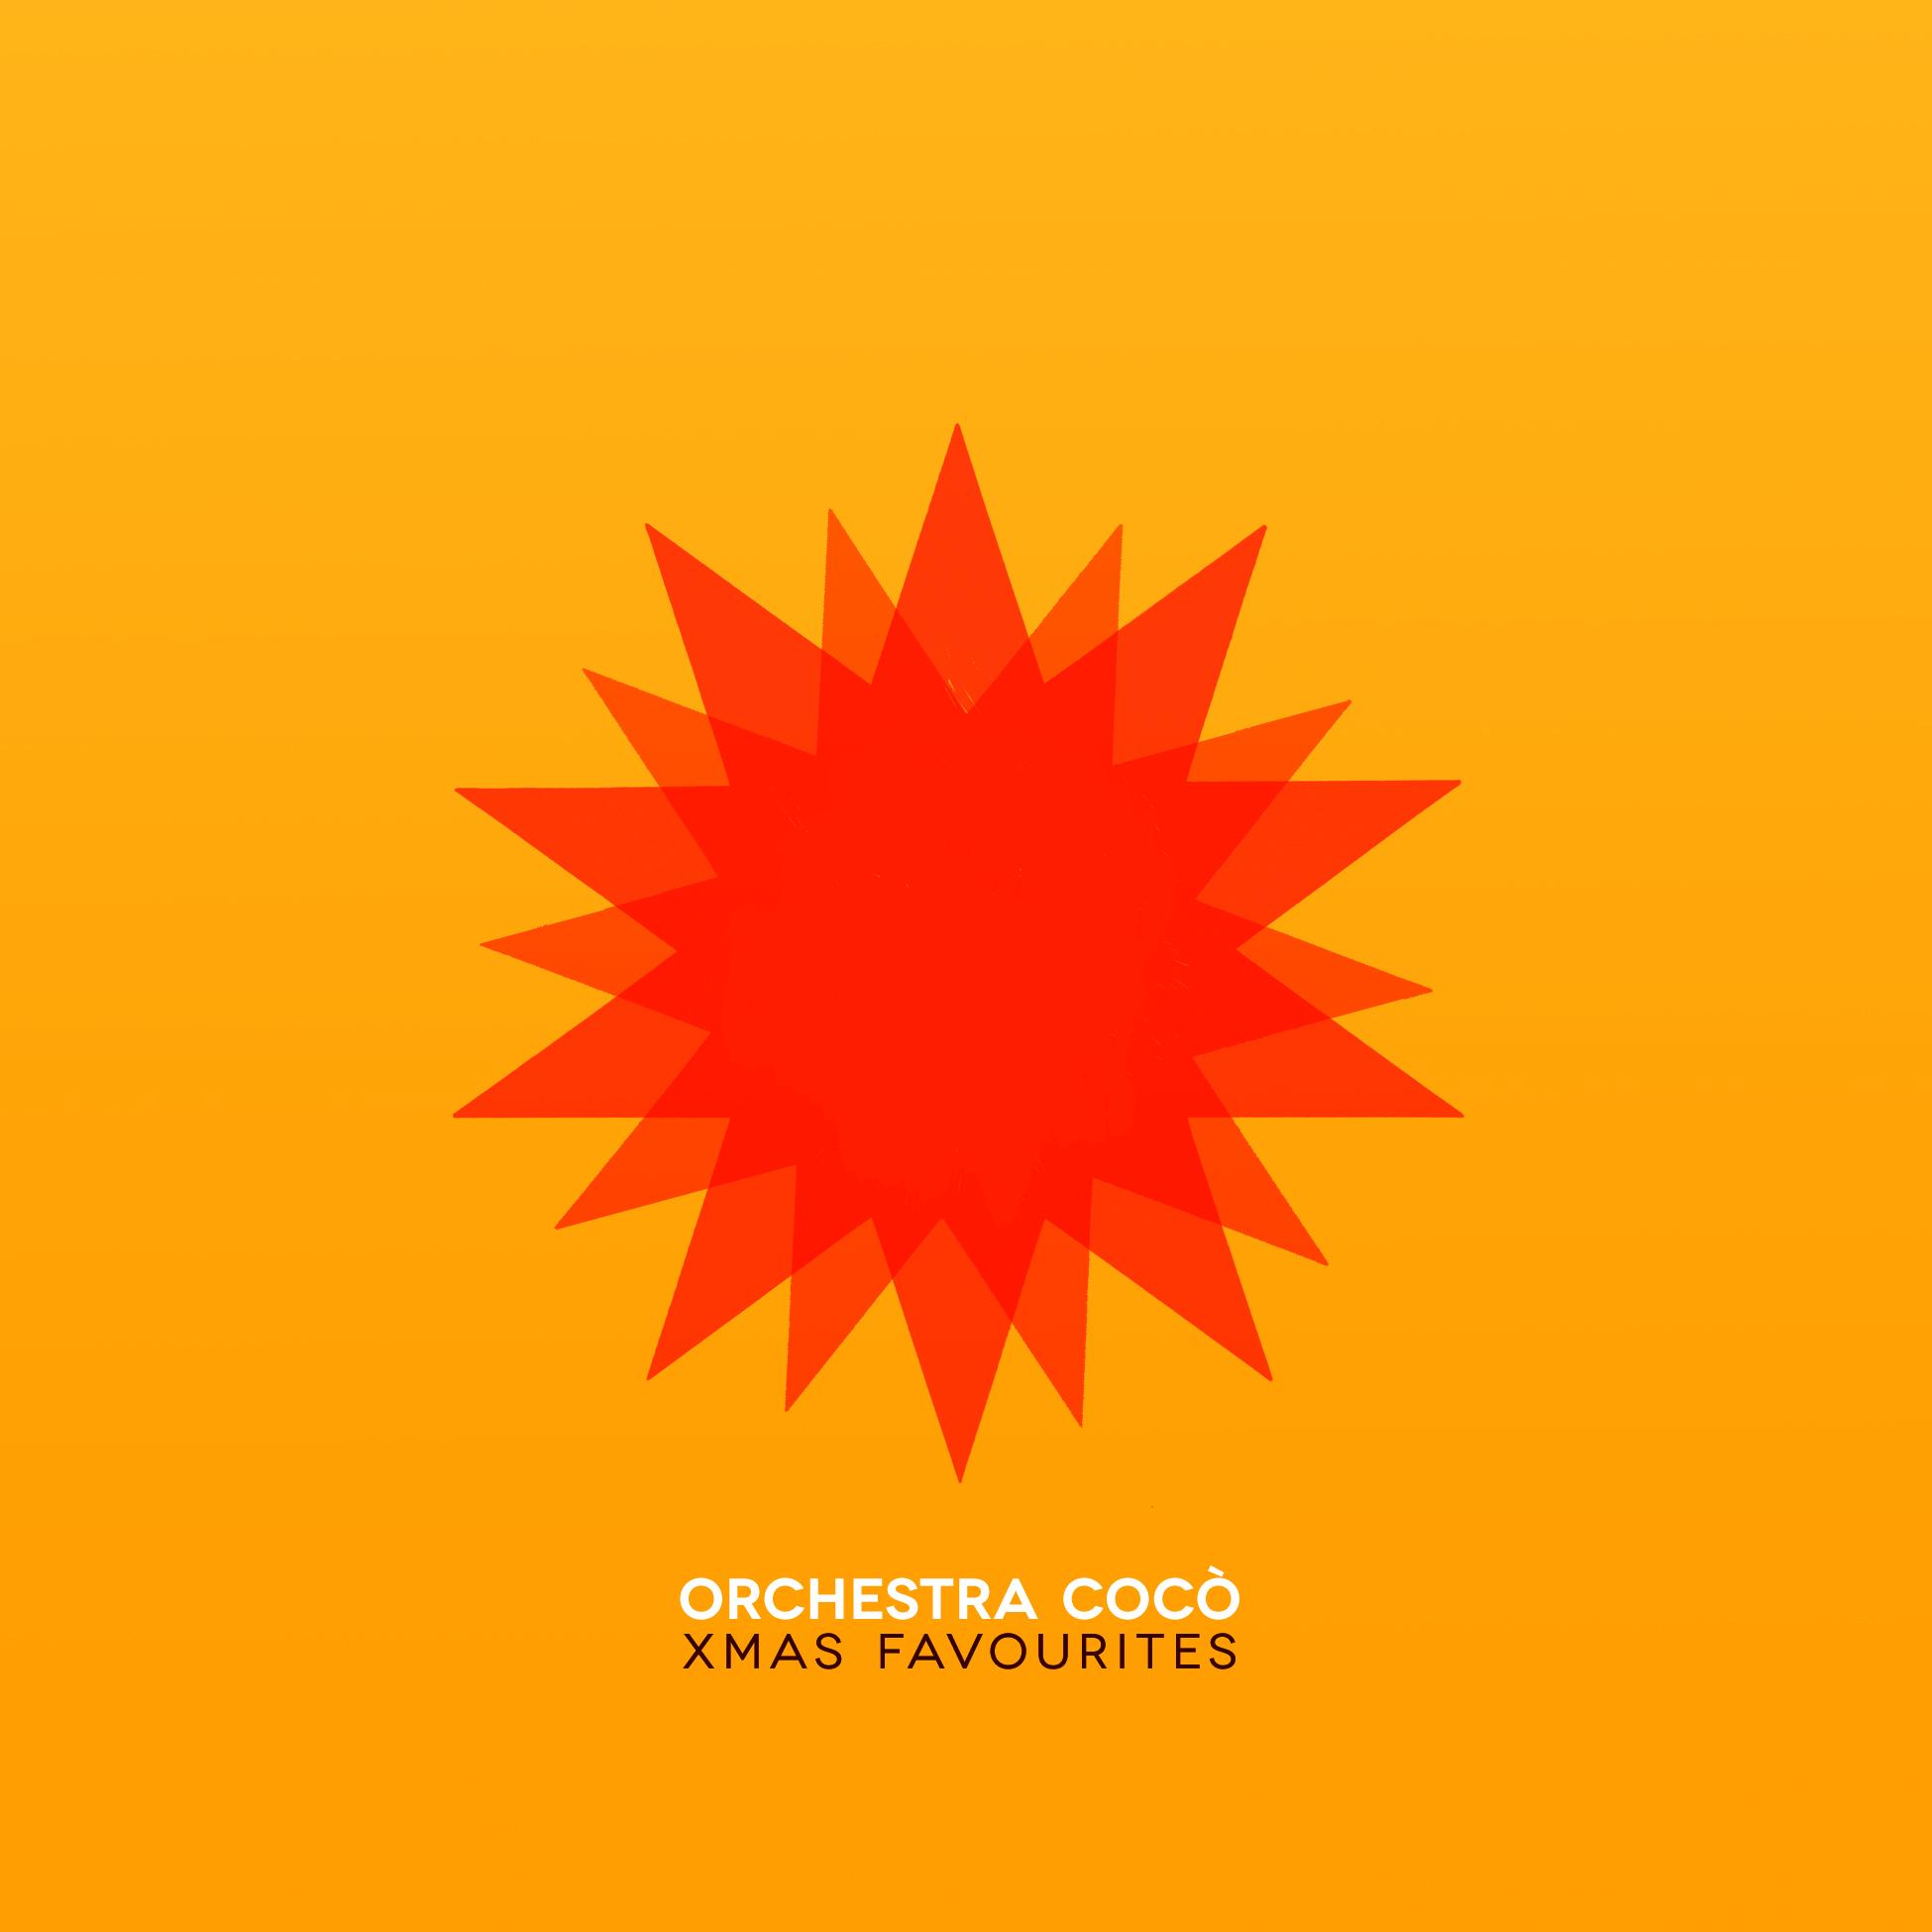 immagine disco